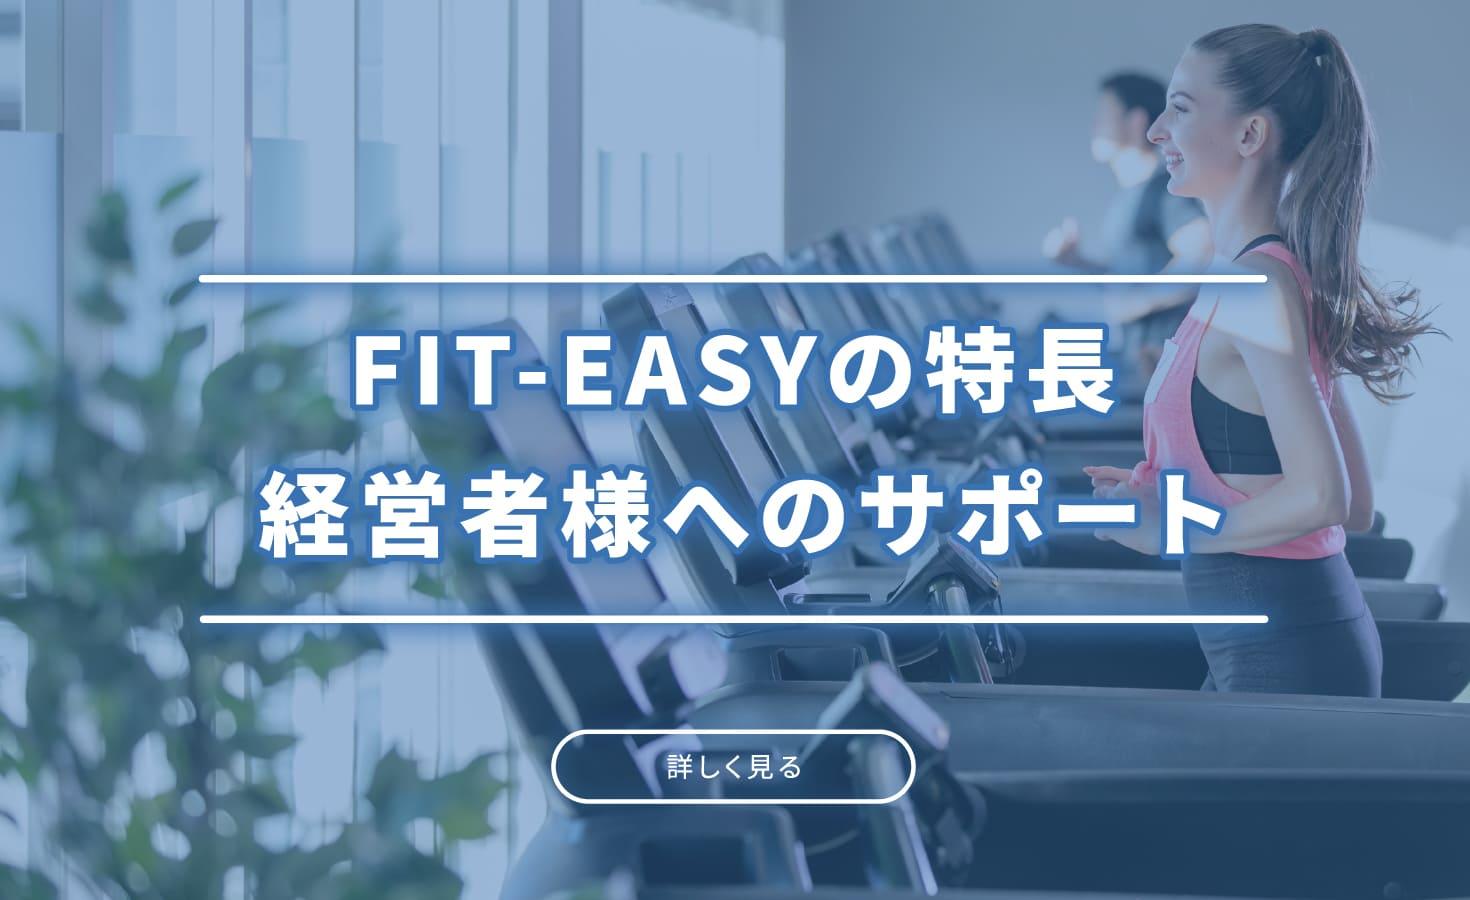 フィットイージー FIT-EASYの特長・経営者様へのサポート